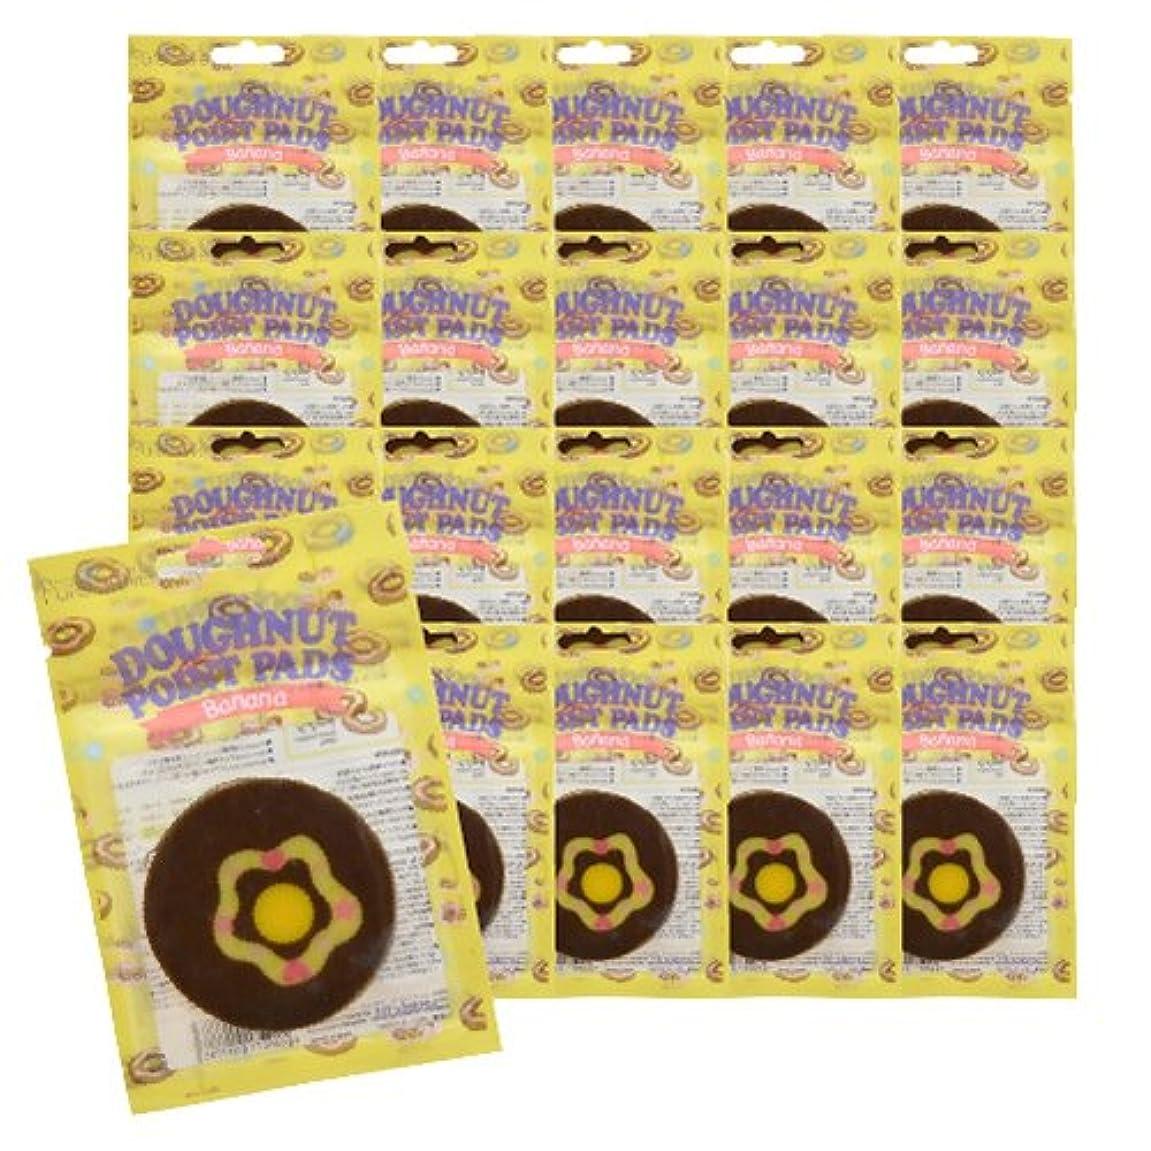 対人一昼食ピュアスマイル スイートドーナツポイントパッド バナナ 20枚パック